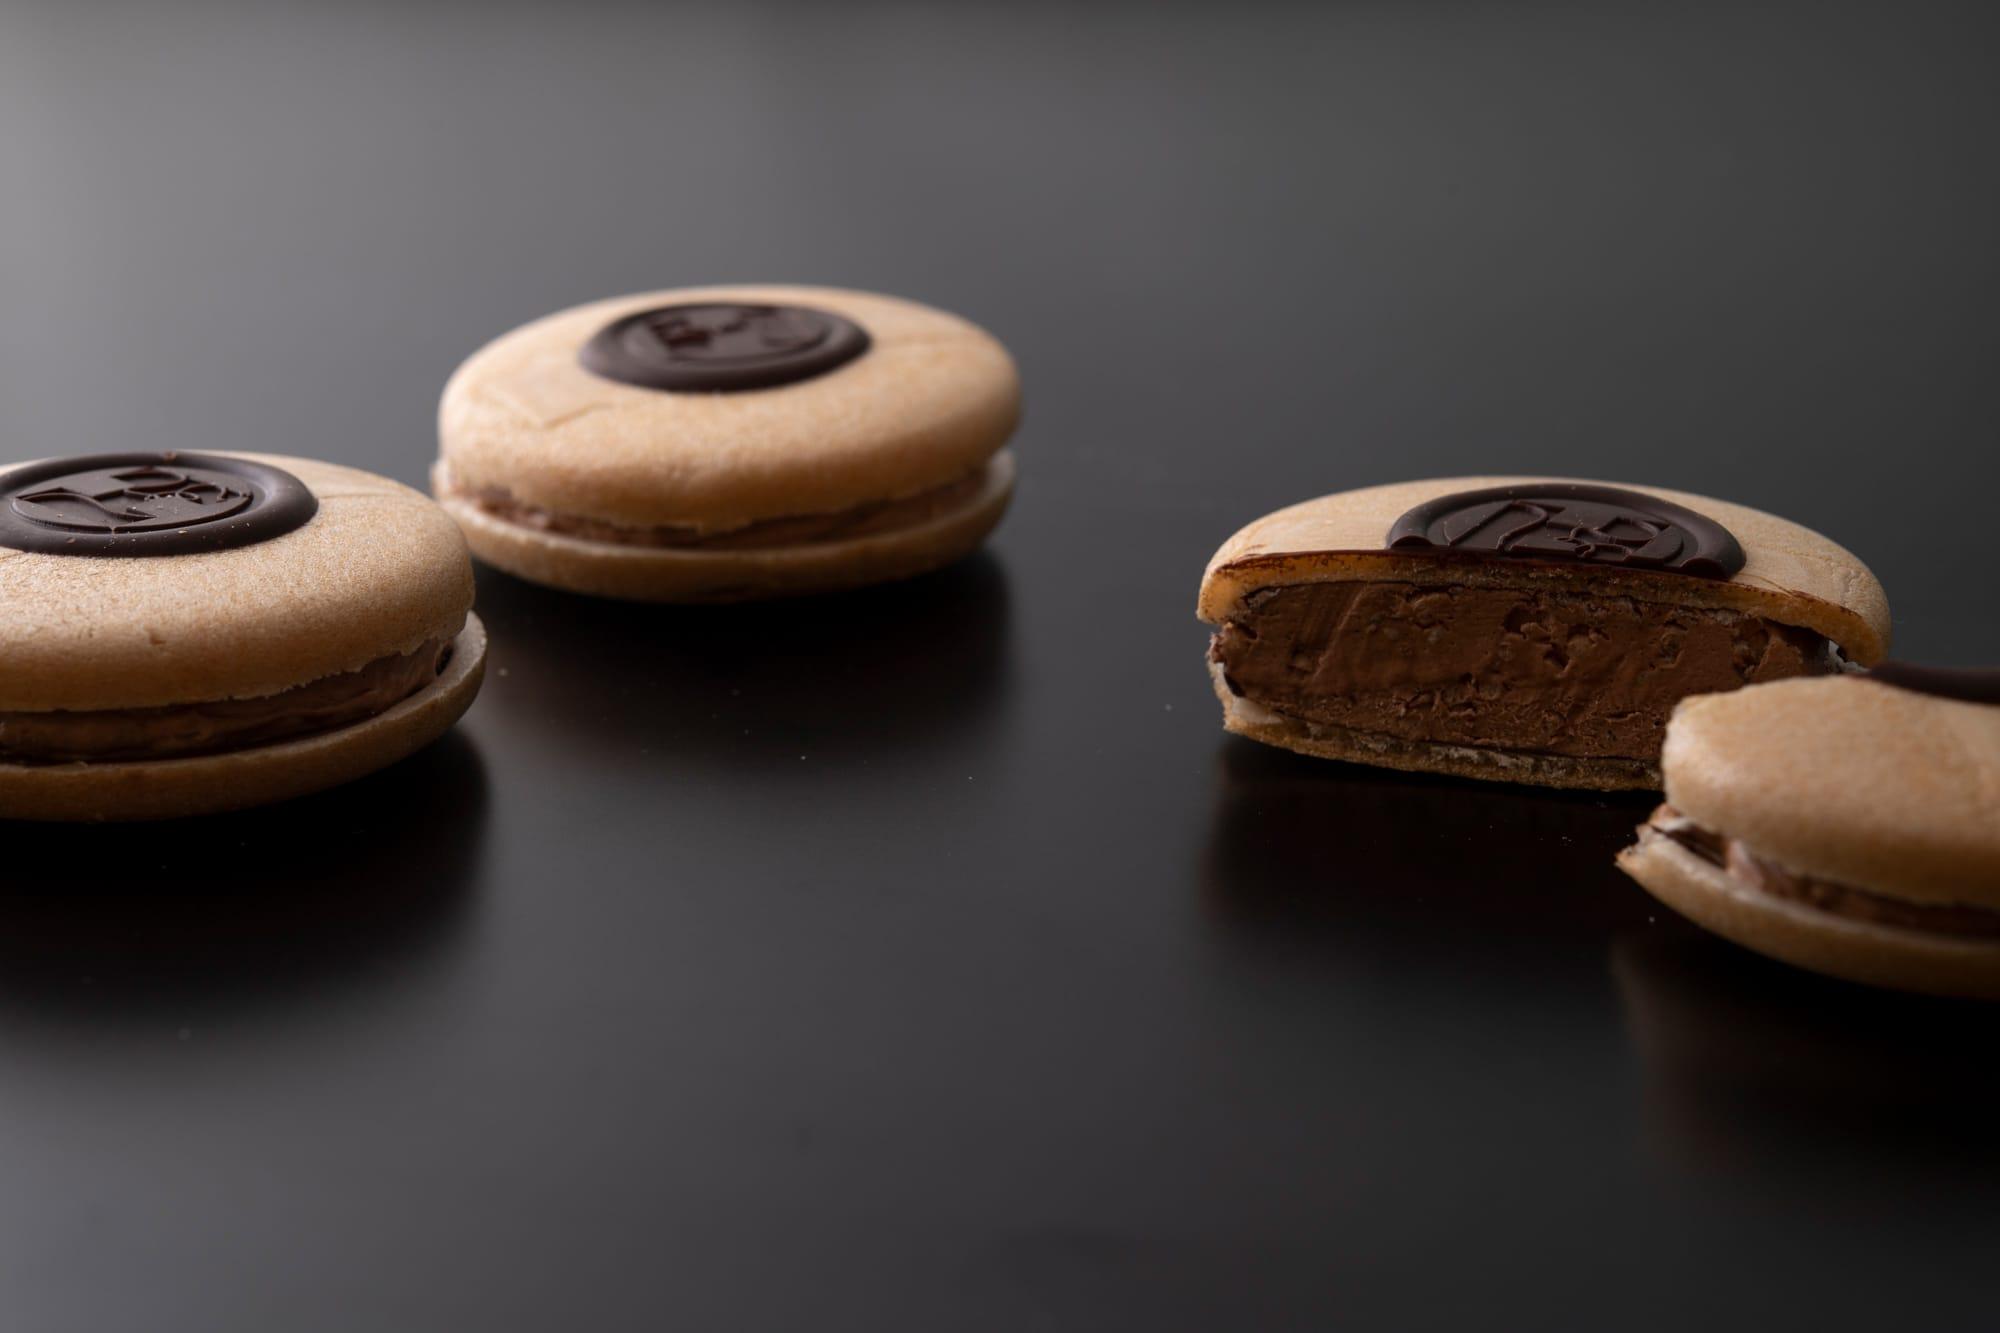 サクサクとした最中に、プラリネノワゼットのエアリーなショコラムースが美味。京都土産のニューフェイスとして注目されている「Monaショコラ」2,083円(税別)。